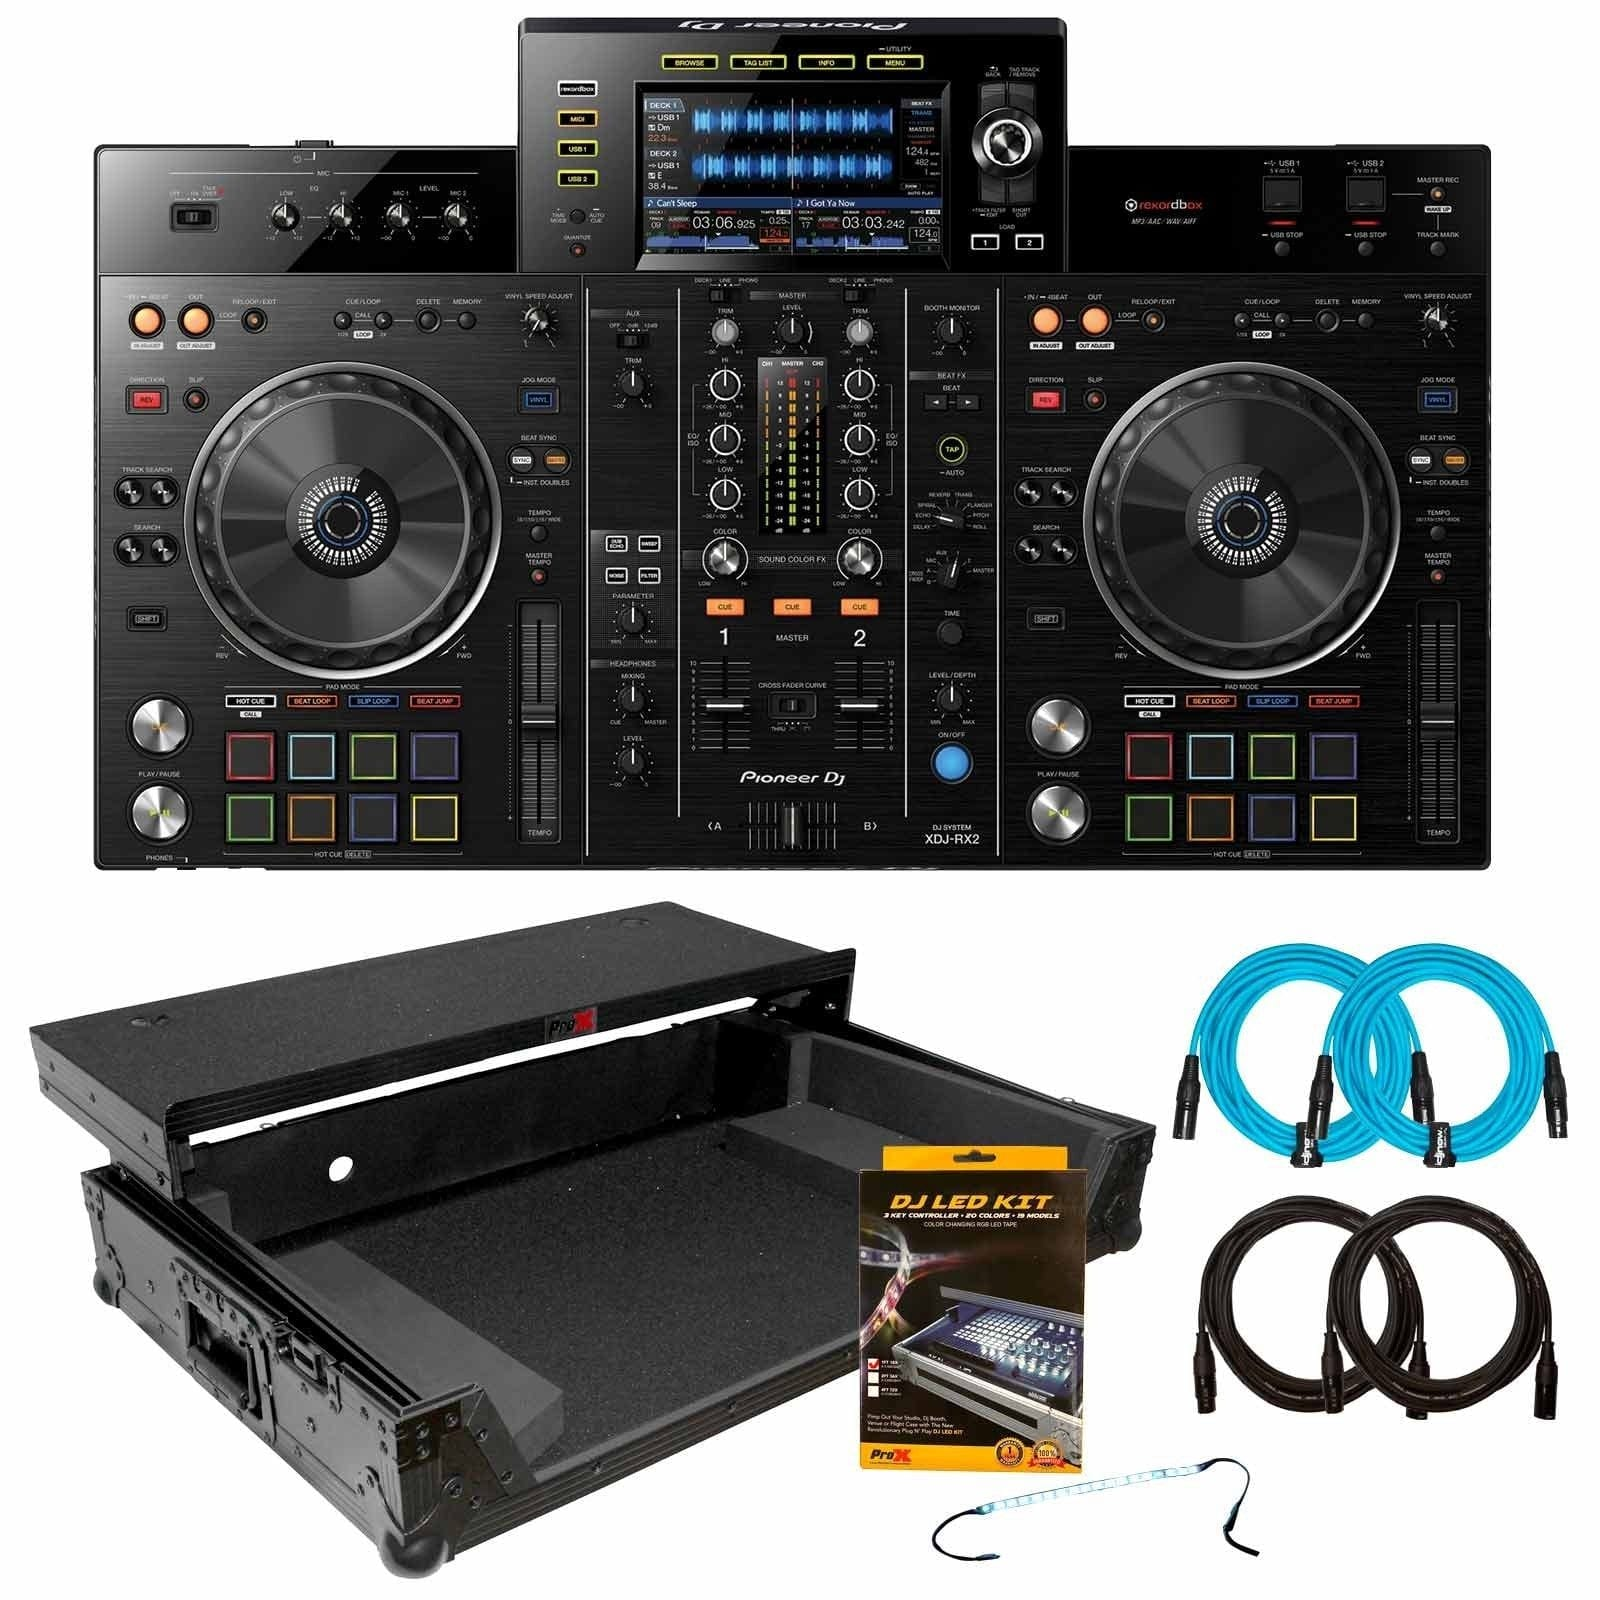 pioneer-dj-xdj-rx2-2-channel-professional-rekordbox-dj-system-with-black-on-black-flight-case-package-b99